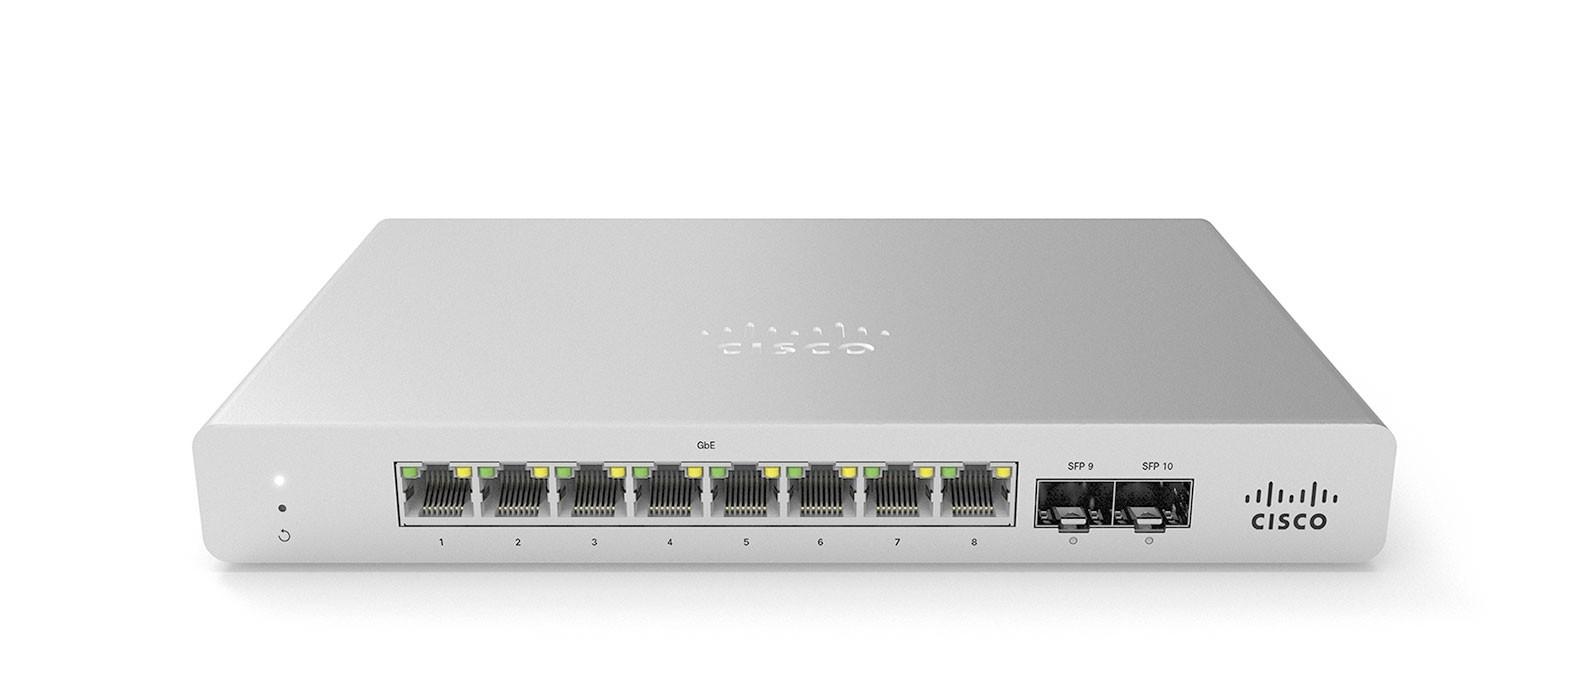 Cisco Meraki MS120-8FP